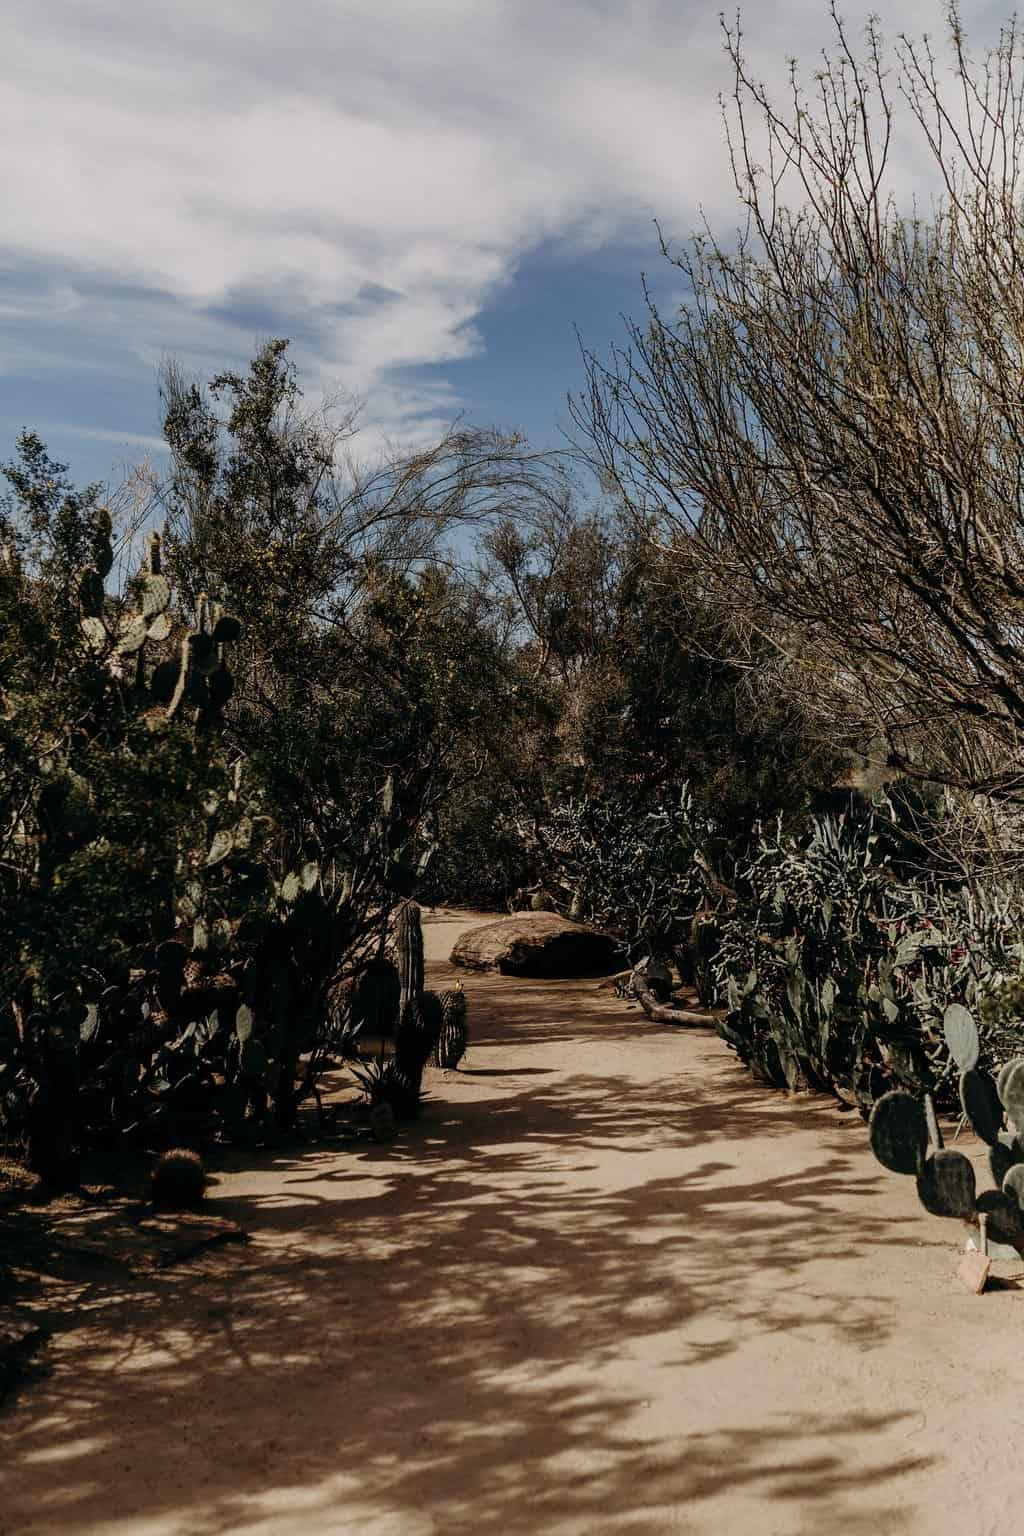 trail of cactus at moorten botanical gardens